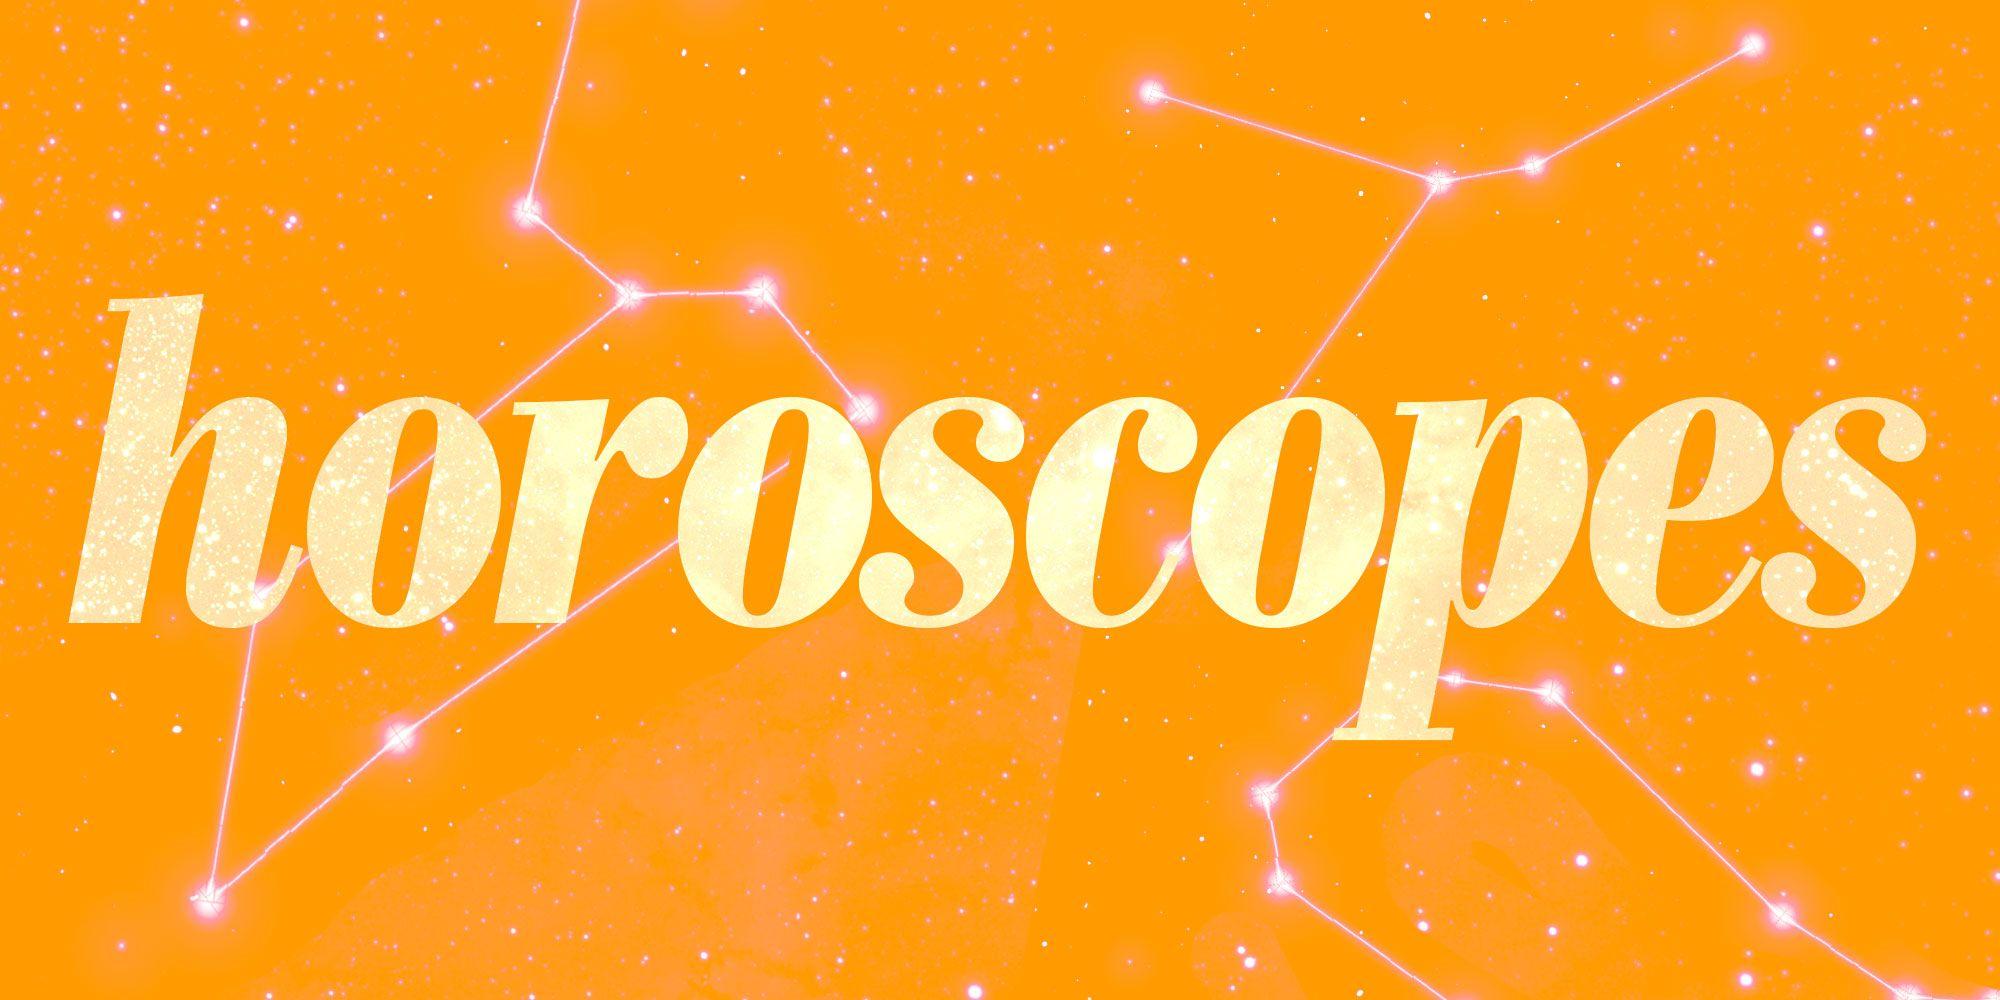 Horoscope for the Week of June 25 - June Horoscopes